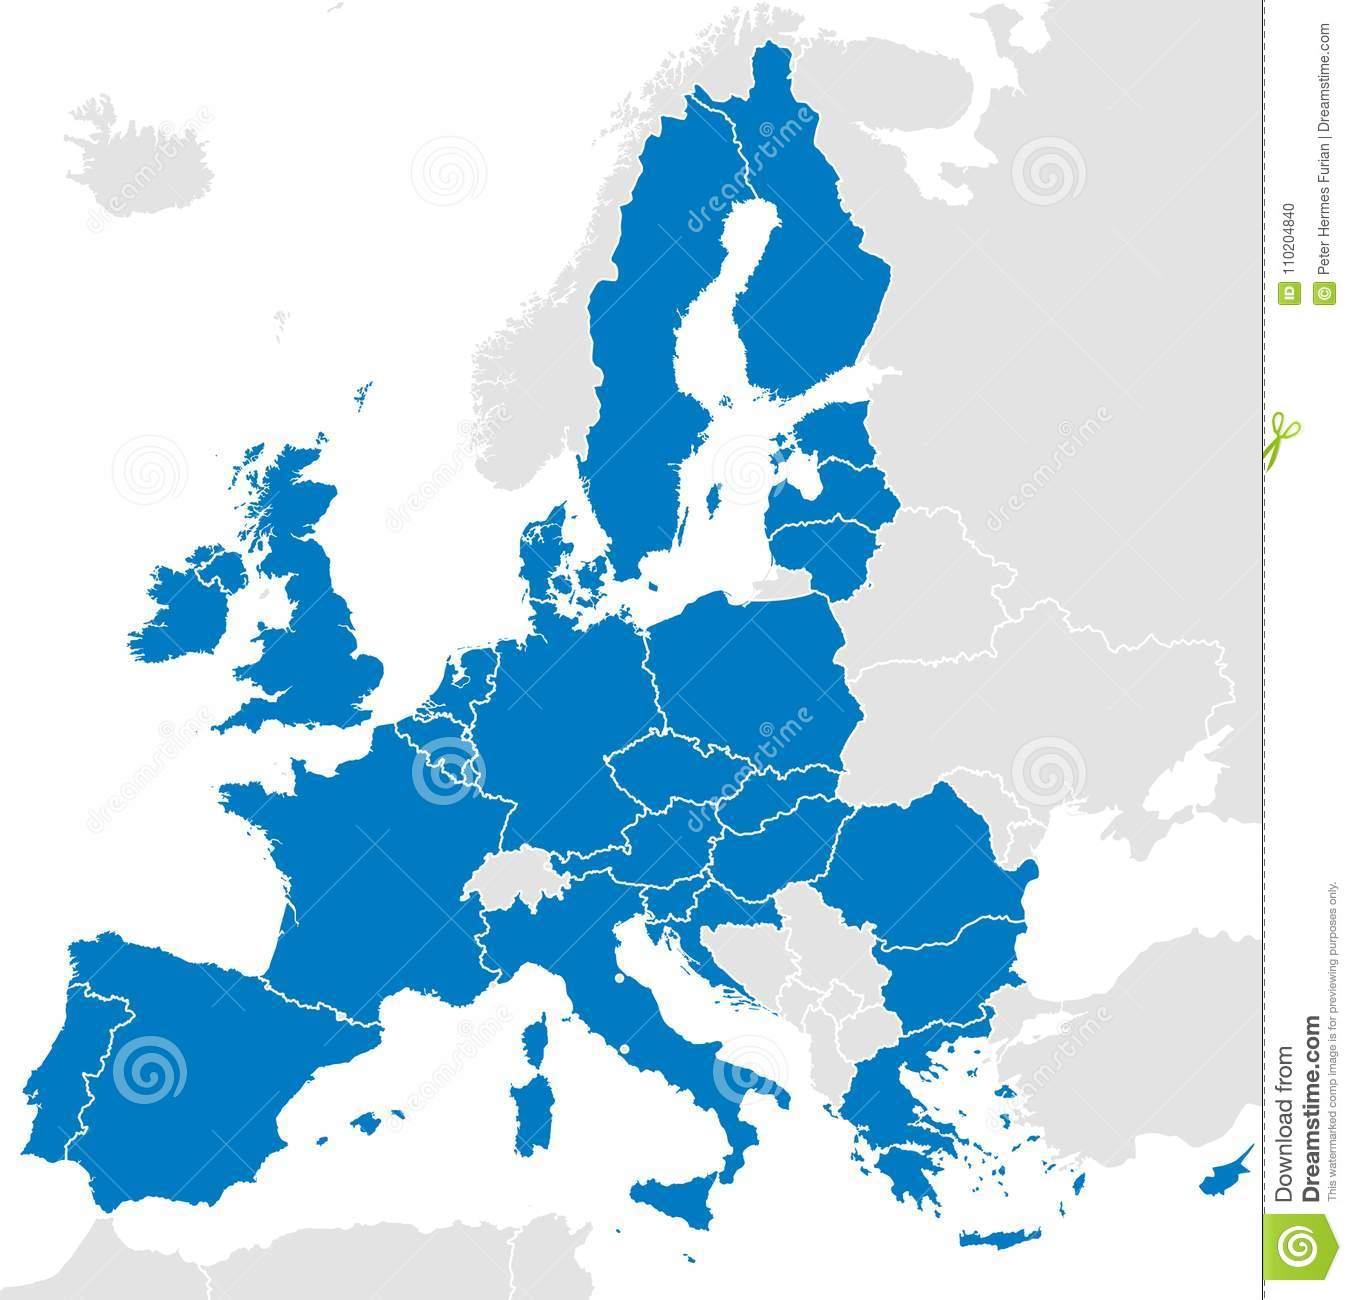 Carte Politique De Pays De L'union Européenne Illustration à Carte Des Pays Membres De L Ue